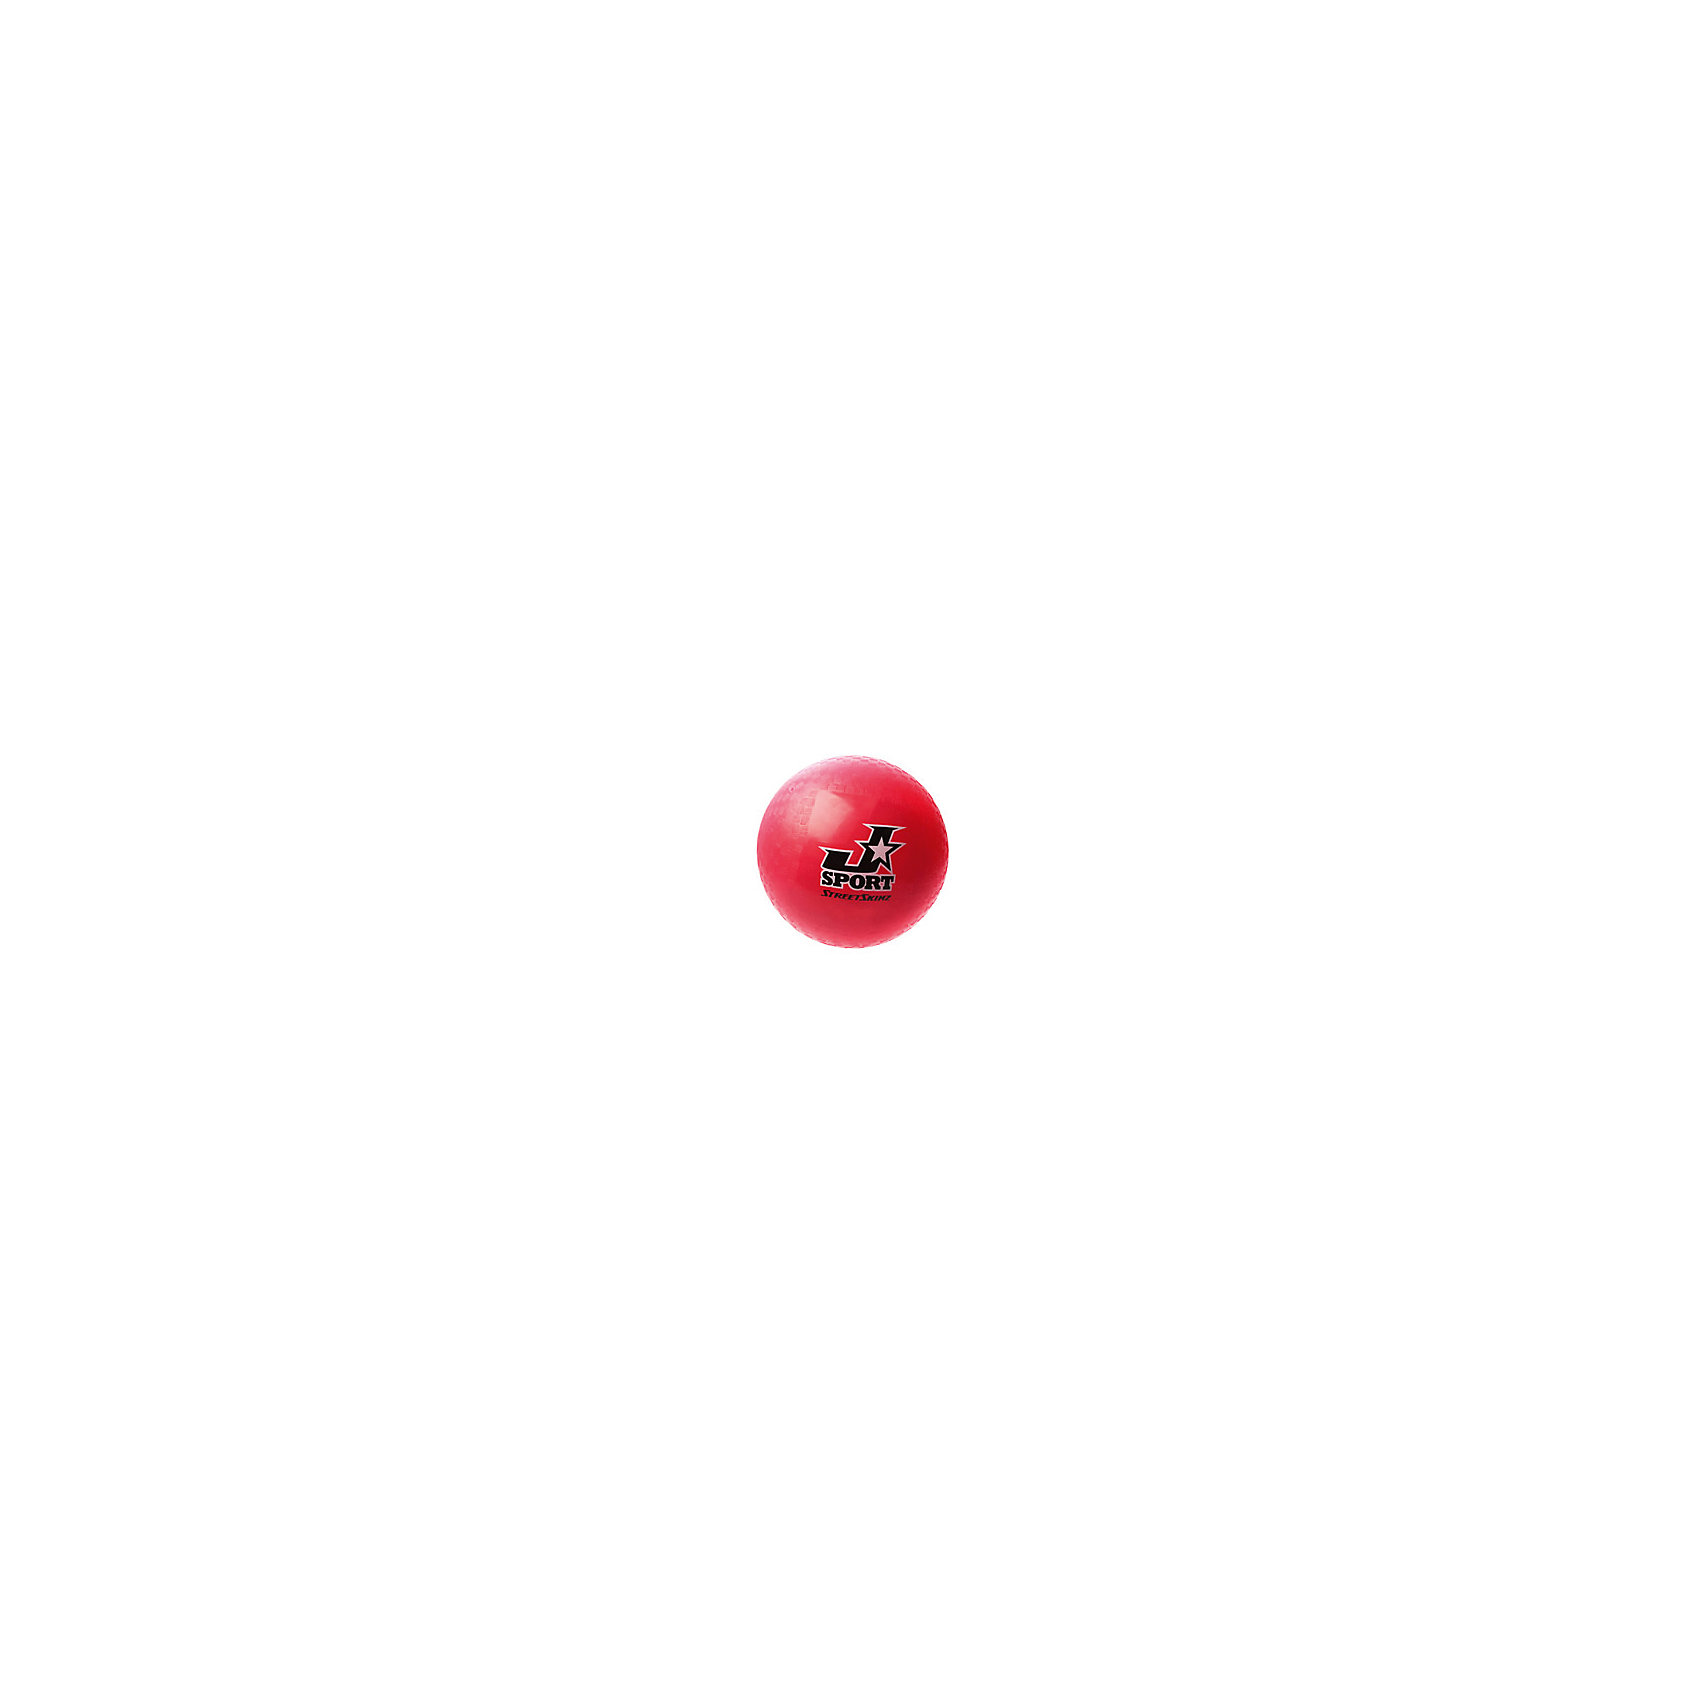 Мяч для игры на траве, InSummerМяч для игры на траве, InSummer<br><br>Характеристики:<br>- Состав: поливинилхлорид  <br>- Размер: 23 см.<br>- Продается в сдутом виде<br><br>Мяч для игры на траве от производителя товаров для для детей InSummer (Инсаммер) станет неотъемлемой частью игр на свежем воздухе и в спортивном зале. Легкий мяч безопасен для детей и даже играя в «вышибалы» не нанесет повреждений. Яркий цвет и простой дизайн придут по вкусу как девочкам, так и мальчикам. С этим мячом лучше всего играть в хоккей на траве, так как мяч отлично скользит и достаточно мягок. Можно придумать множество своих игр. Мяч не позволит детям сидеть на месте и поможет развить координацию движений, реакцию и подарит множество детских воспоминаний.<br><br>Мяч для игры на траве, InSummer (Инсаммер)  можно купить в нашем интернет-магазине.<br>Подробнее:<br>• Для детей в возрасте: от 3 до 10 лет <br>• Номер товара: 4624456<br>Страна производитель: Китай<br><br>Ширина мм: 180<br>Глубина мм: 60<br>Высота мм: 40<br>Вес г: 42<br>Возраст от месяцев: 36<br>Возраст до месяцев: 120<br>Пол: Унисекс<br>Возраст: Детский<br>SKU: 4624456